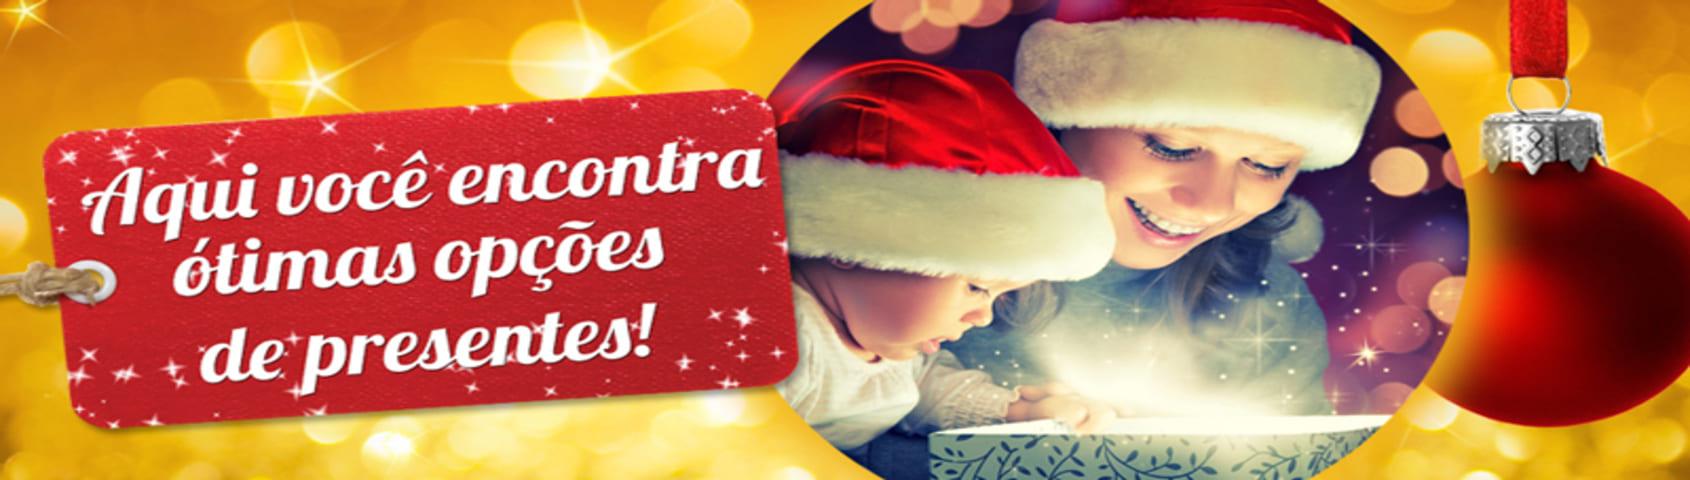 Natal Criança e Mulher